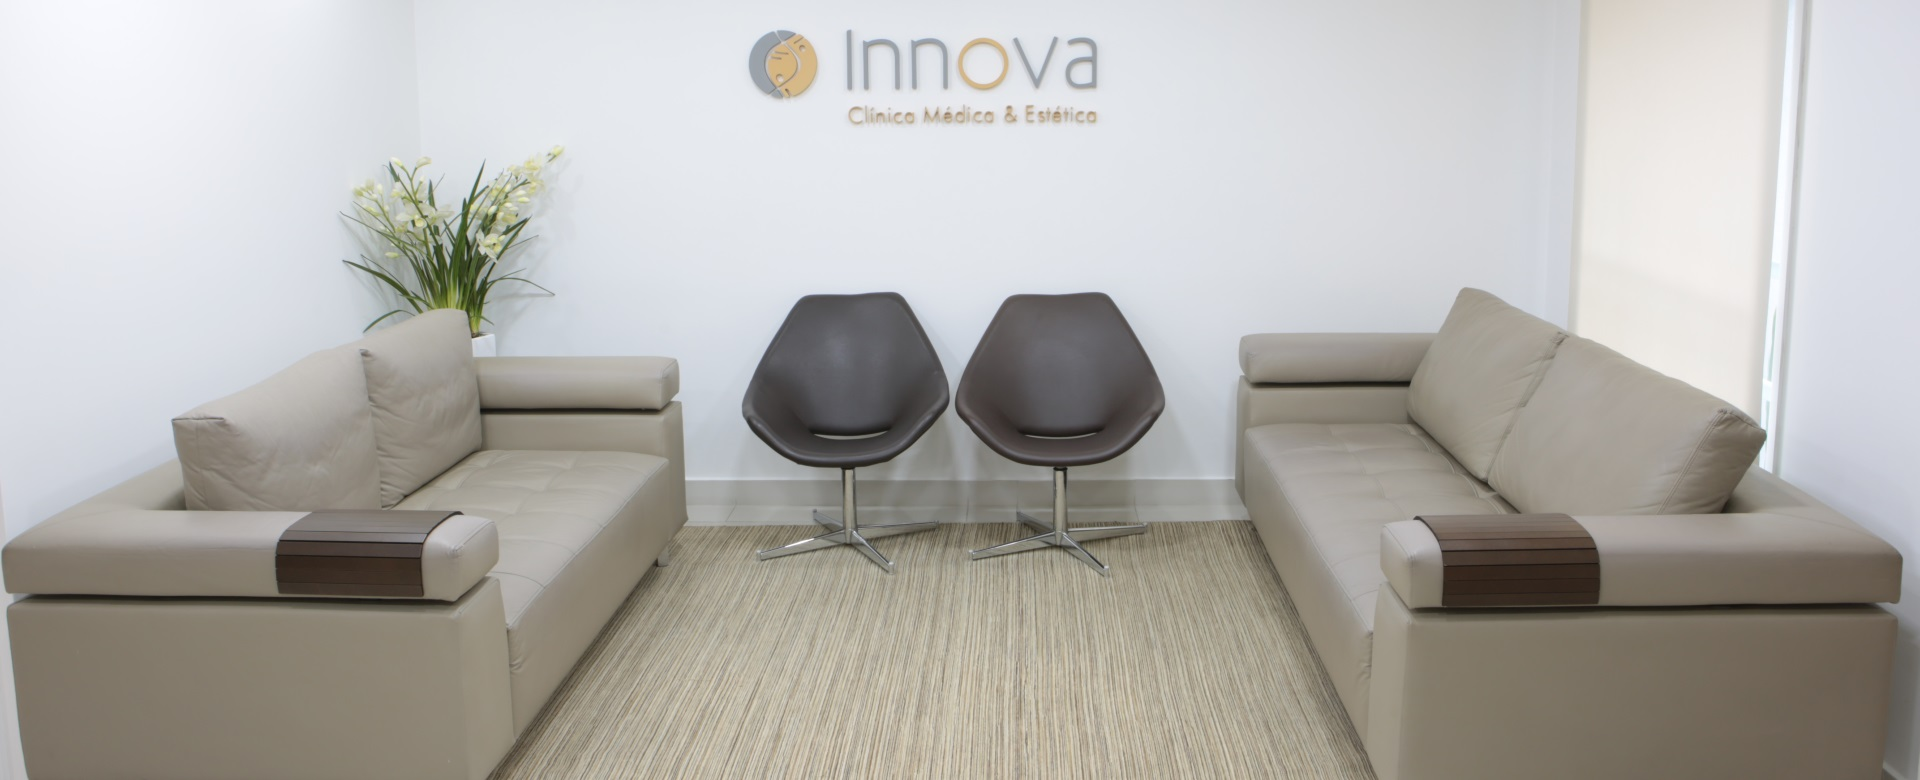 innova-1